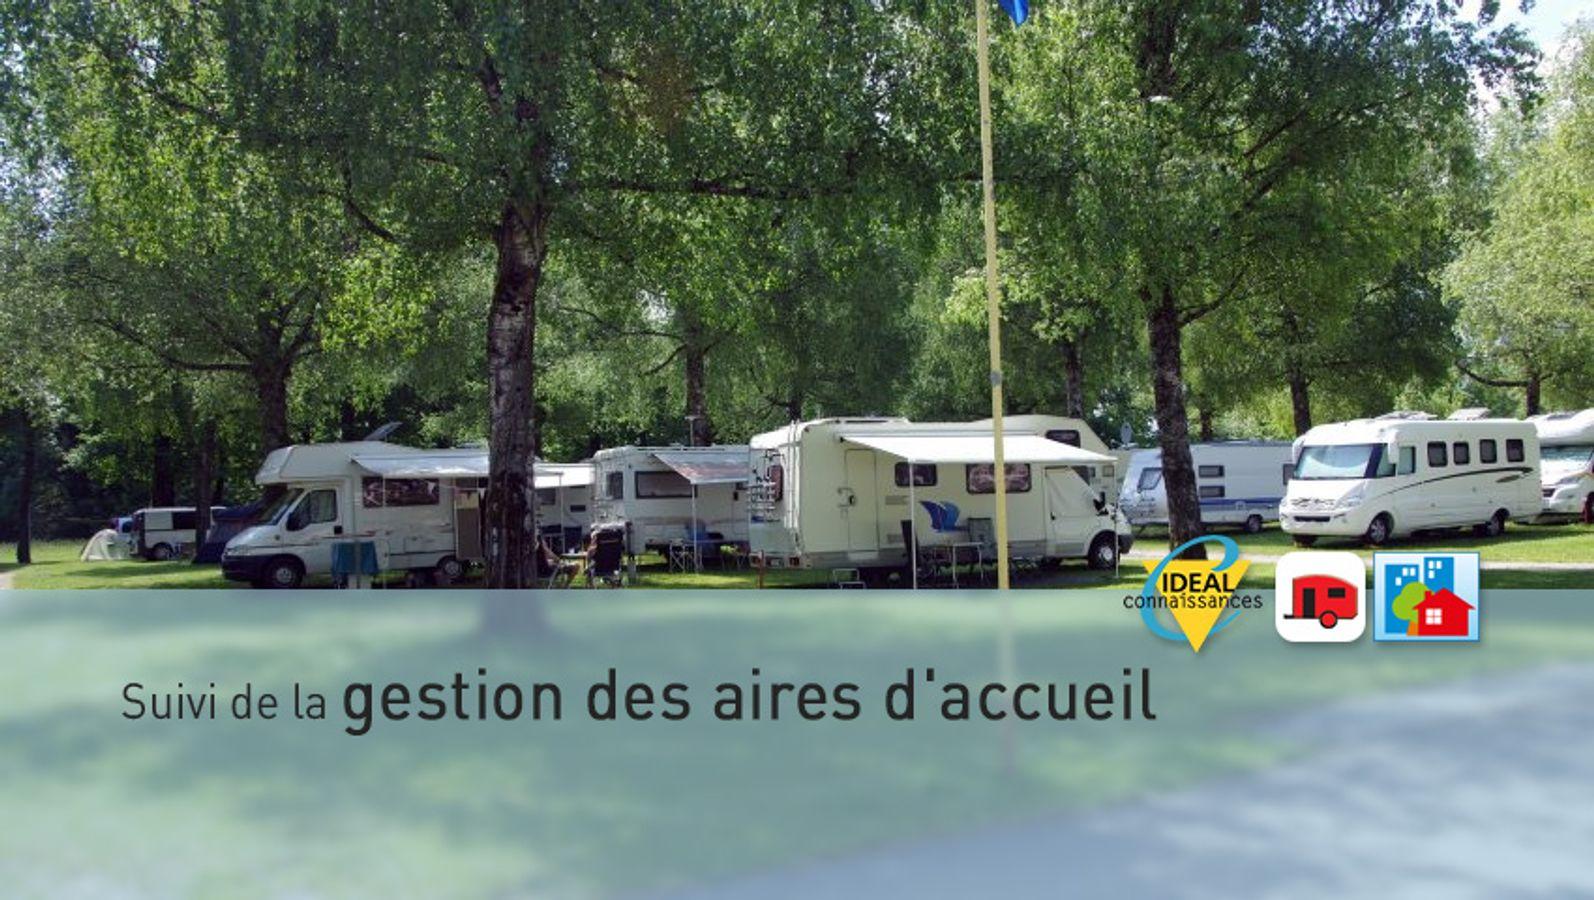 Retour d'expérience de la Roche-sur-Yon et méthodologie juridique pour la gestion des aires d'accueil